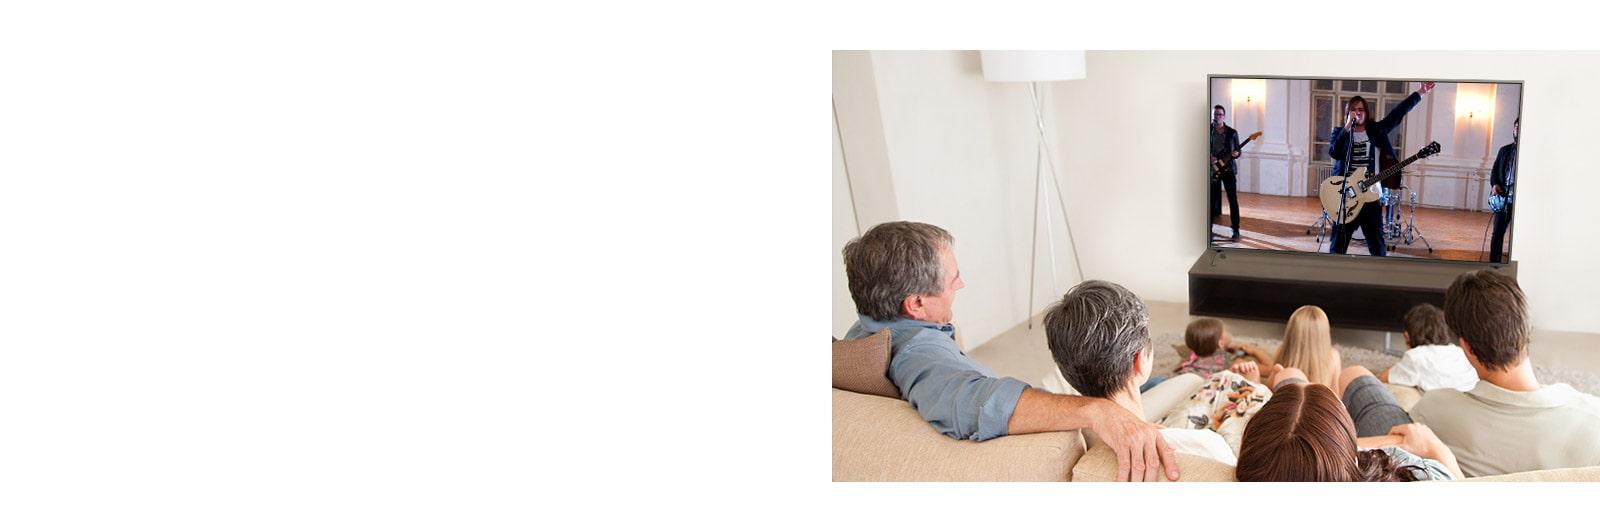 Một gia đình bảy người tập trung trong phòng, xem một bộ phim.  Màn hình TV cho thấy một ban nhạc đang chơi.